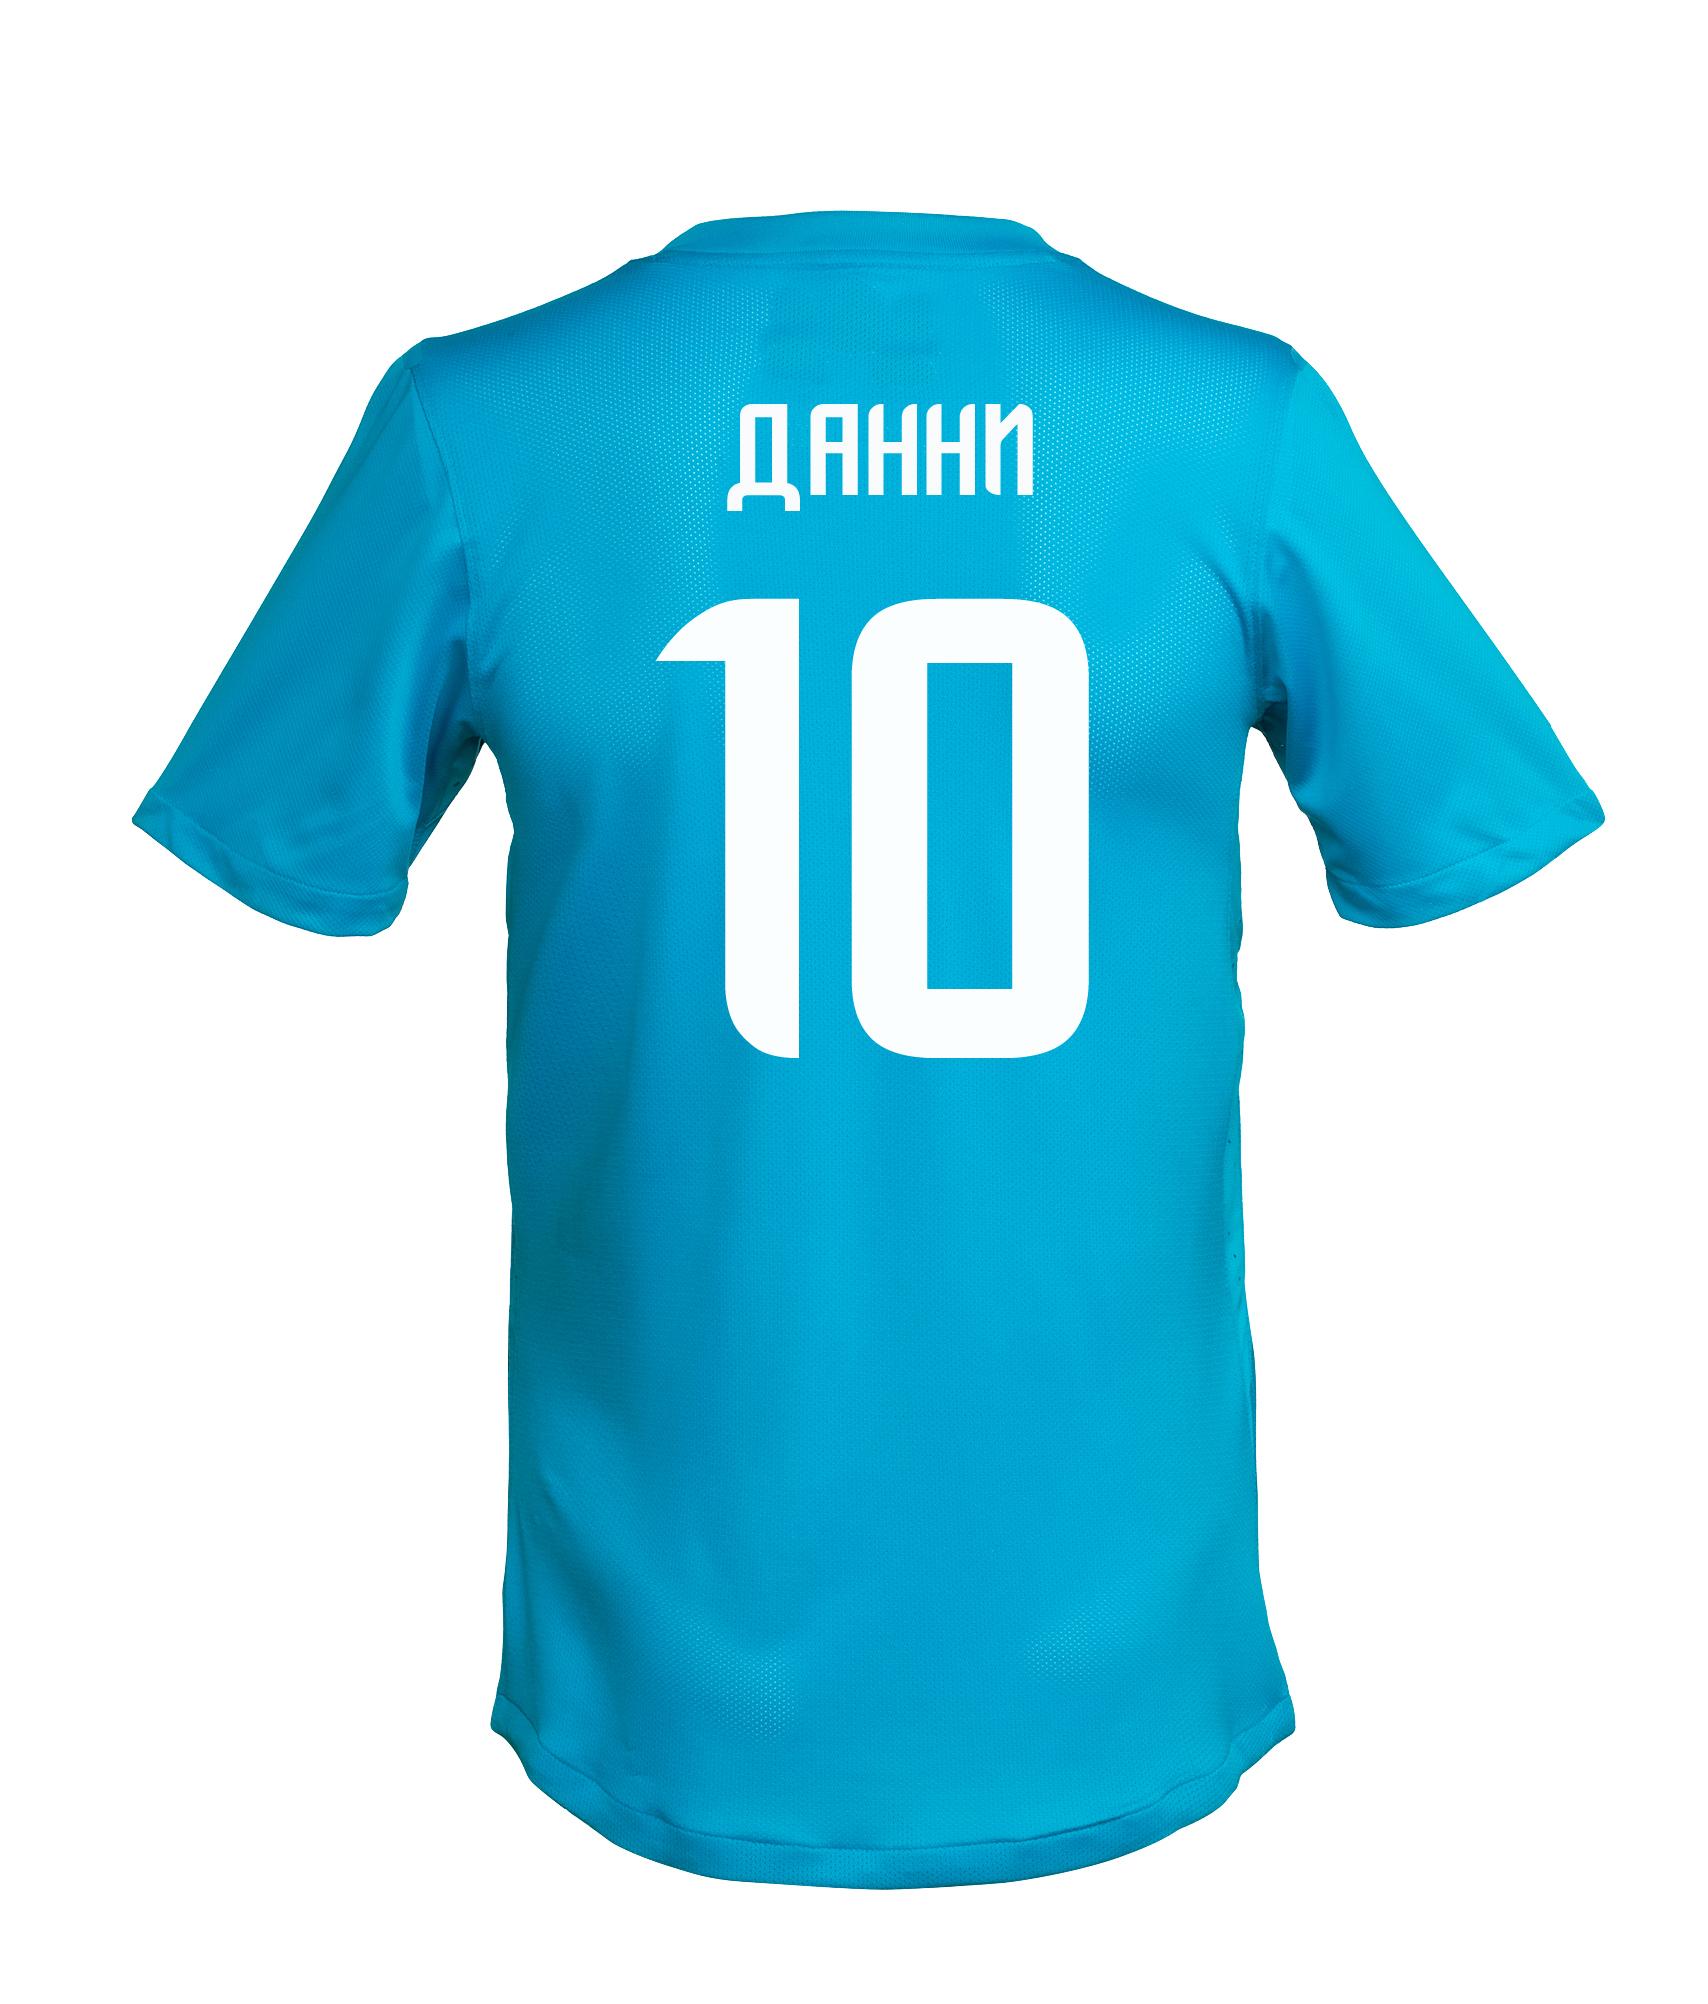 Игровая футболка с фамилией и номером М. Данни, Цвет-Синий, Размер-L